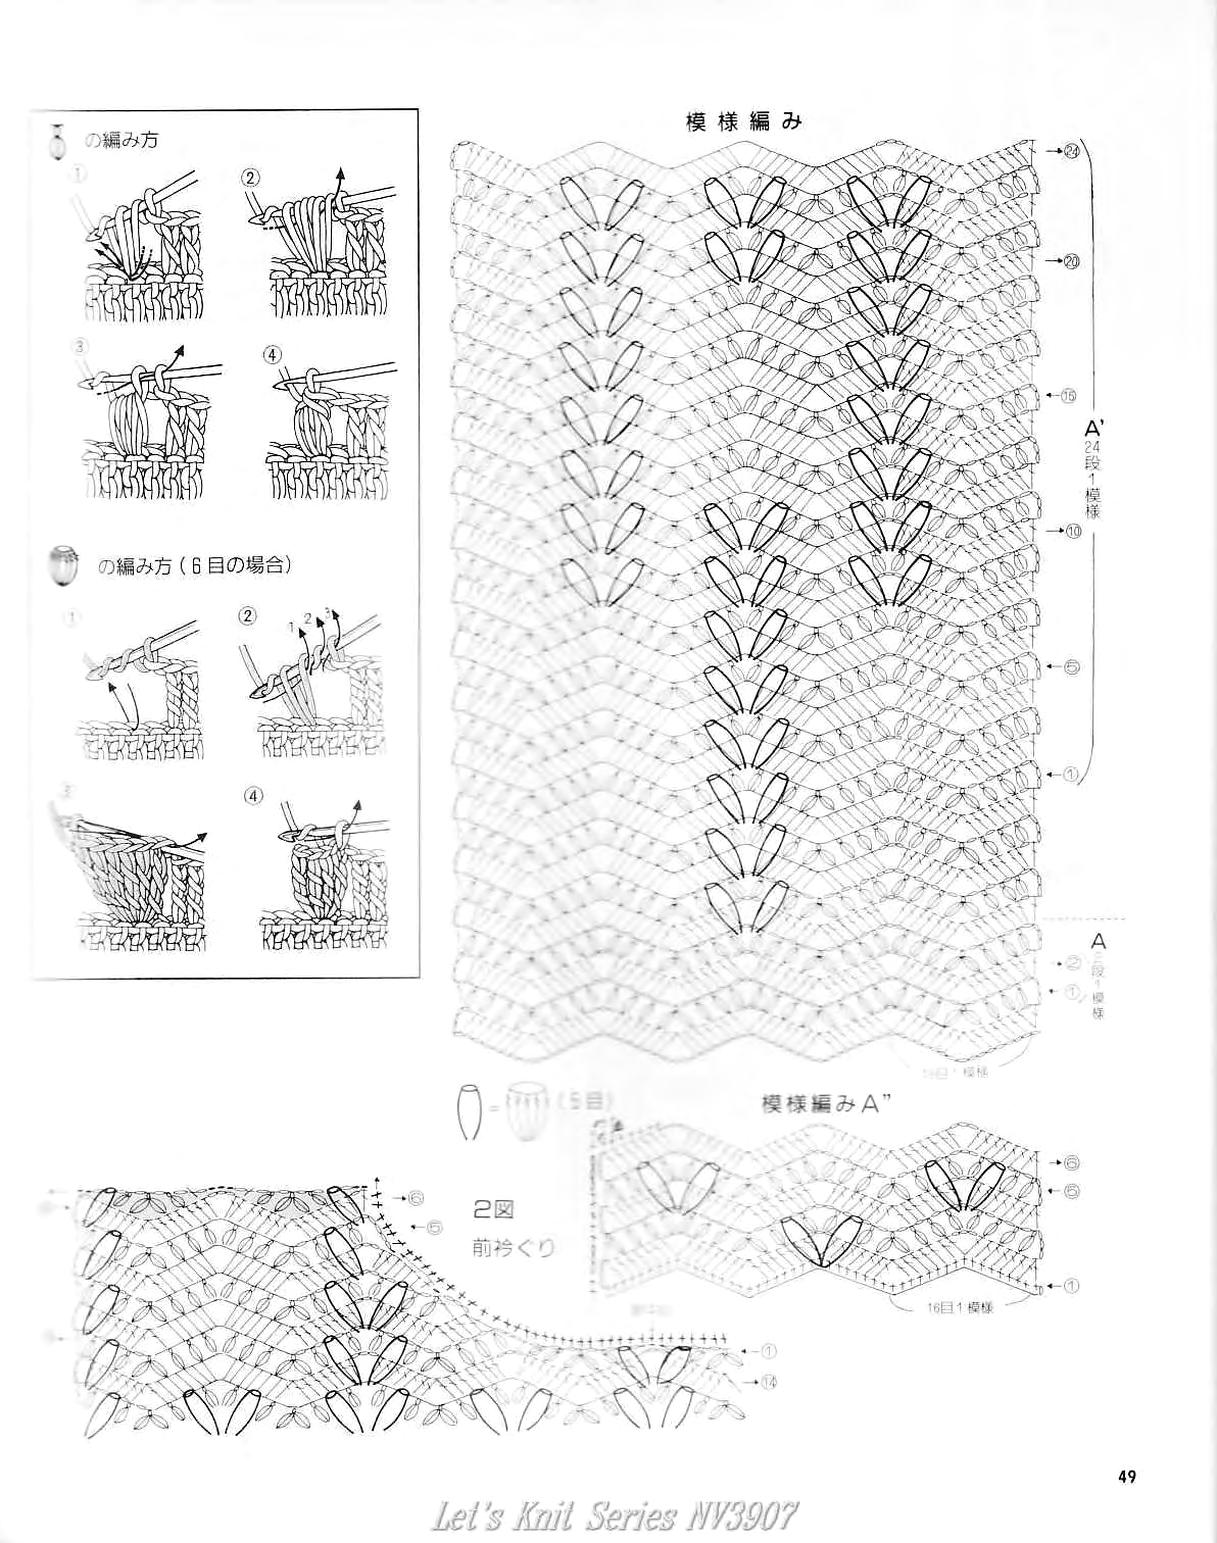 1362_Let_s_knit_series_NV3907_2001_kr_13 (3)